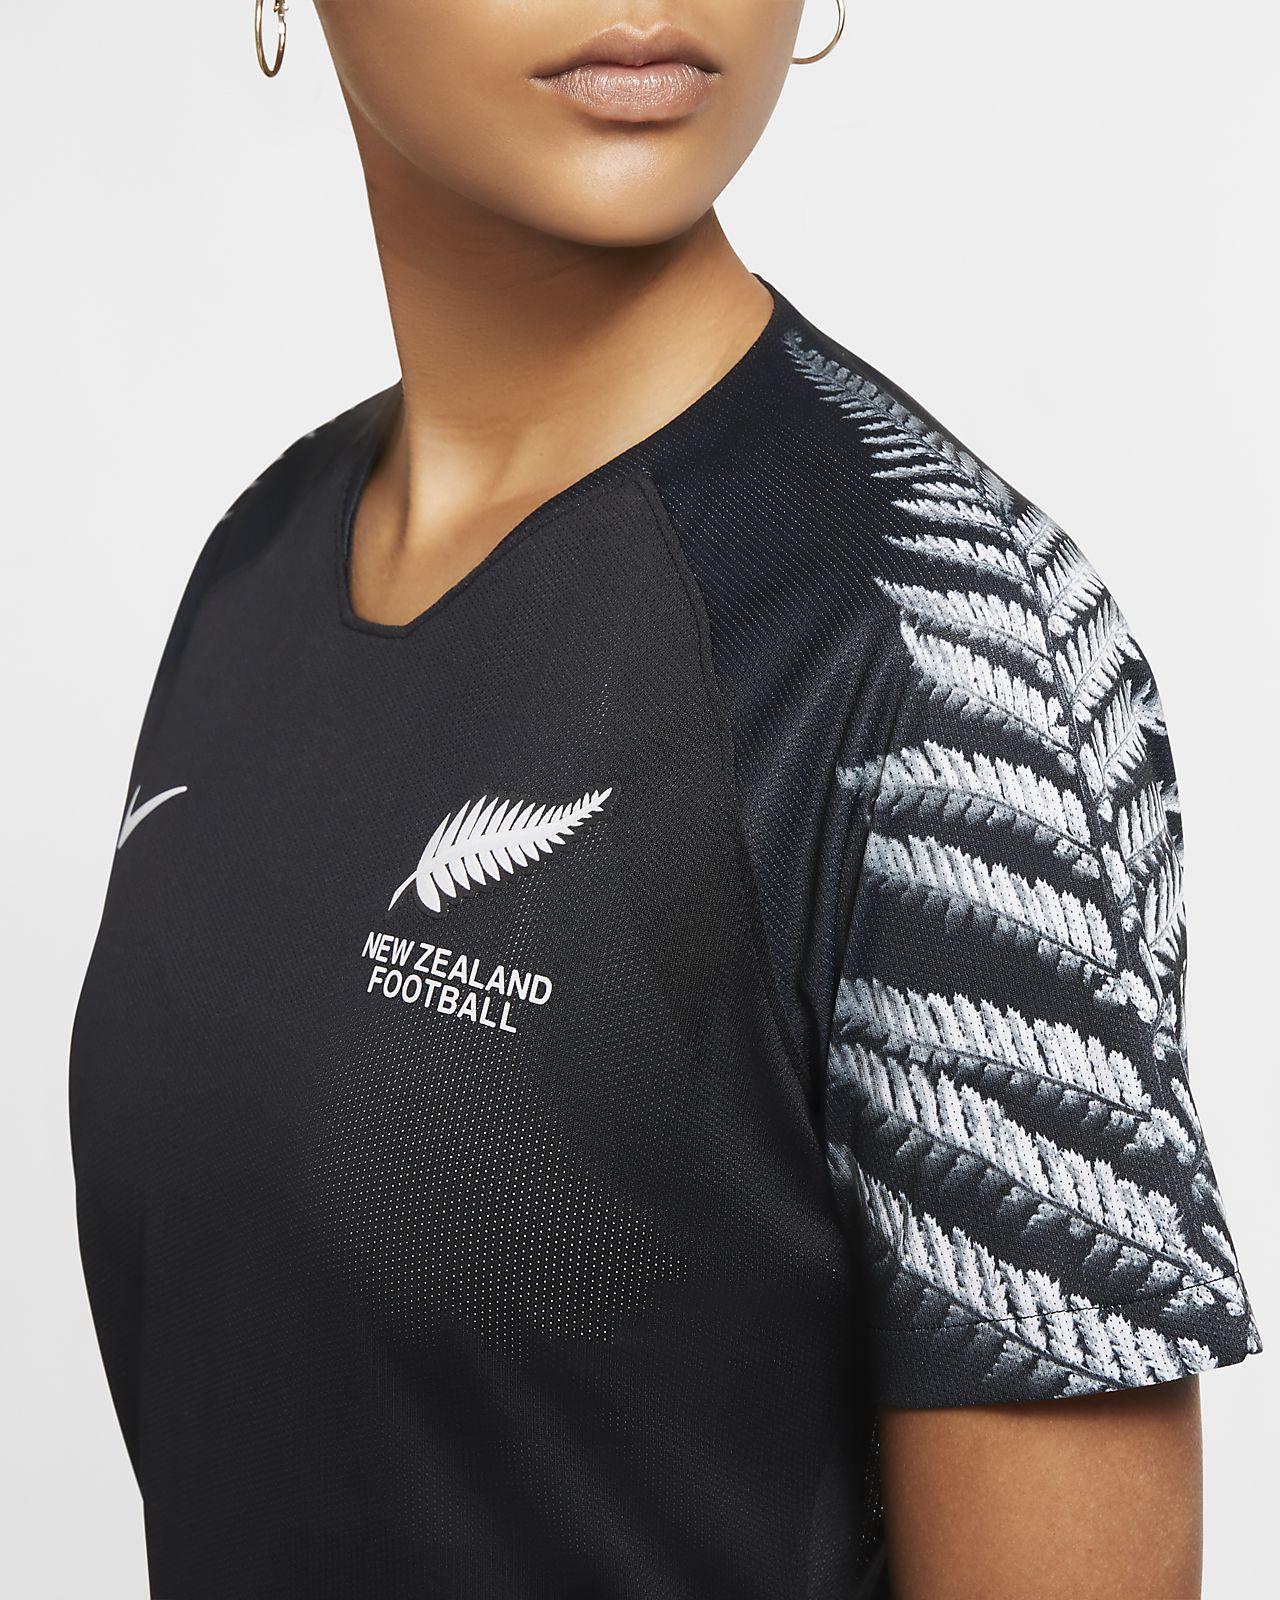 Neuseeland 2019 Away Damen Fußballtrikot